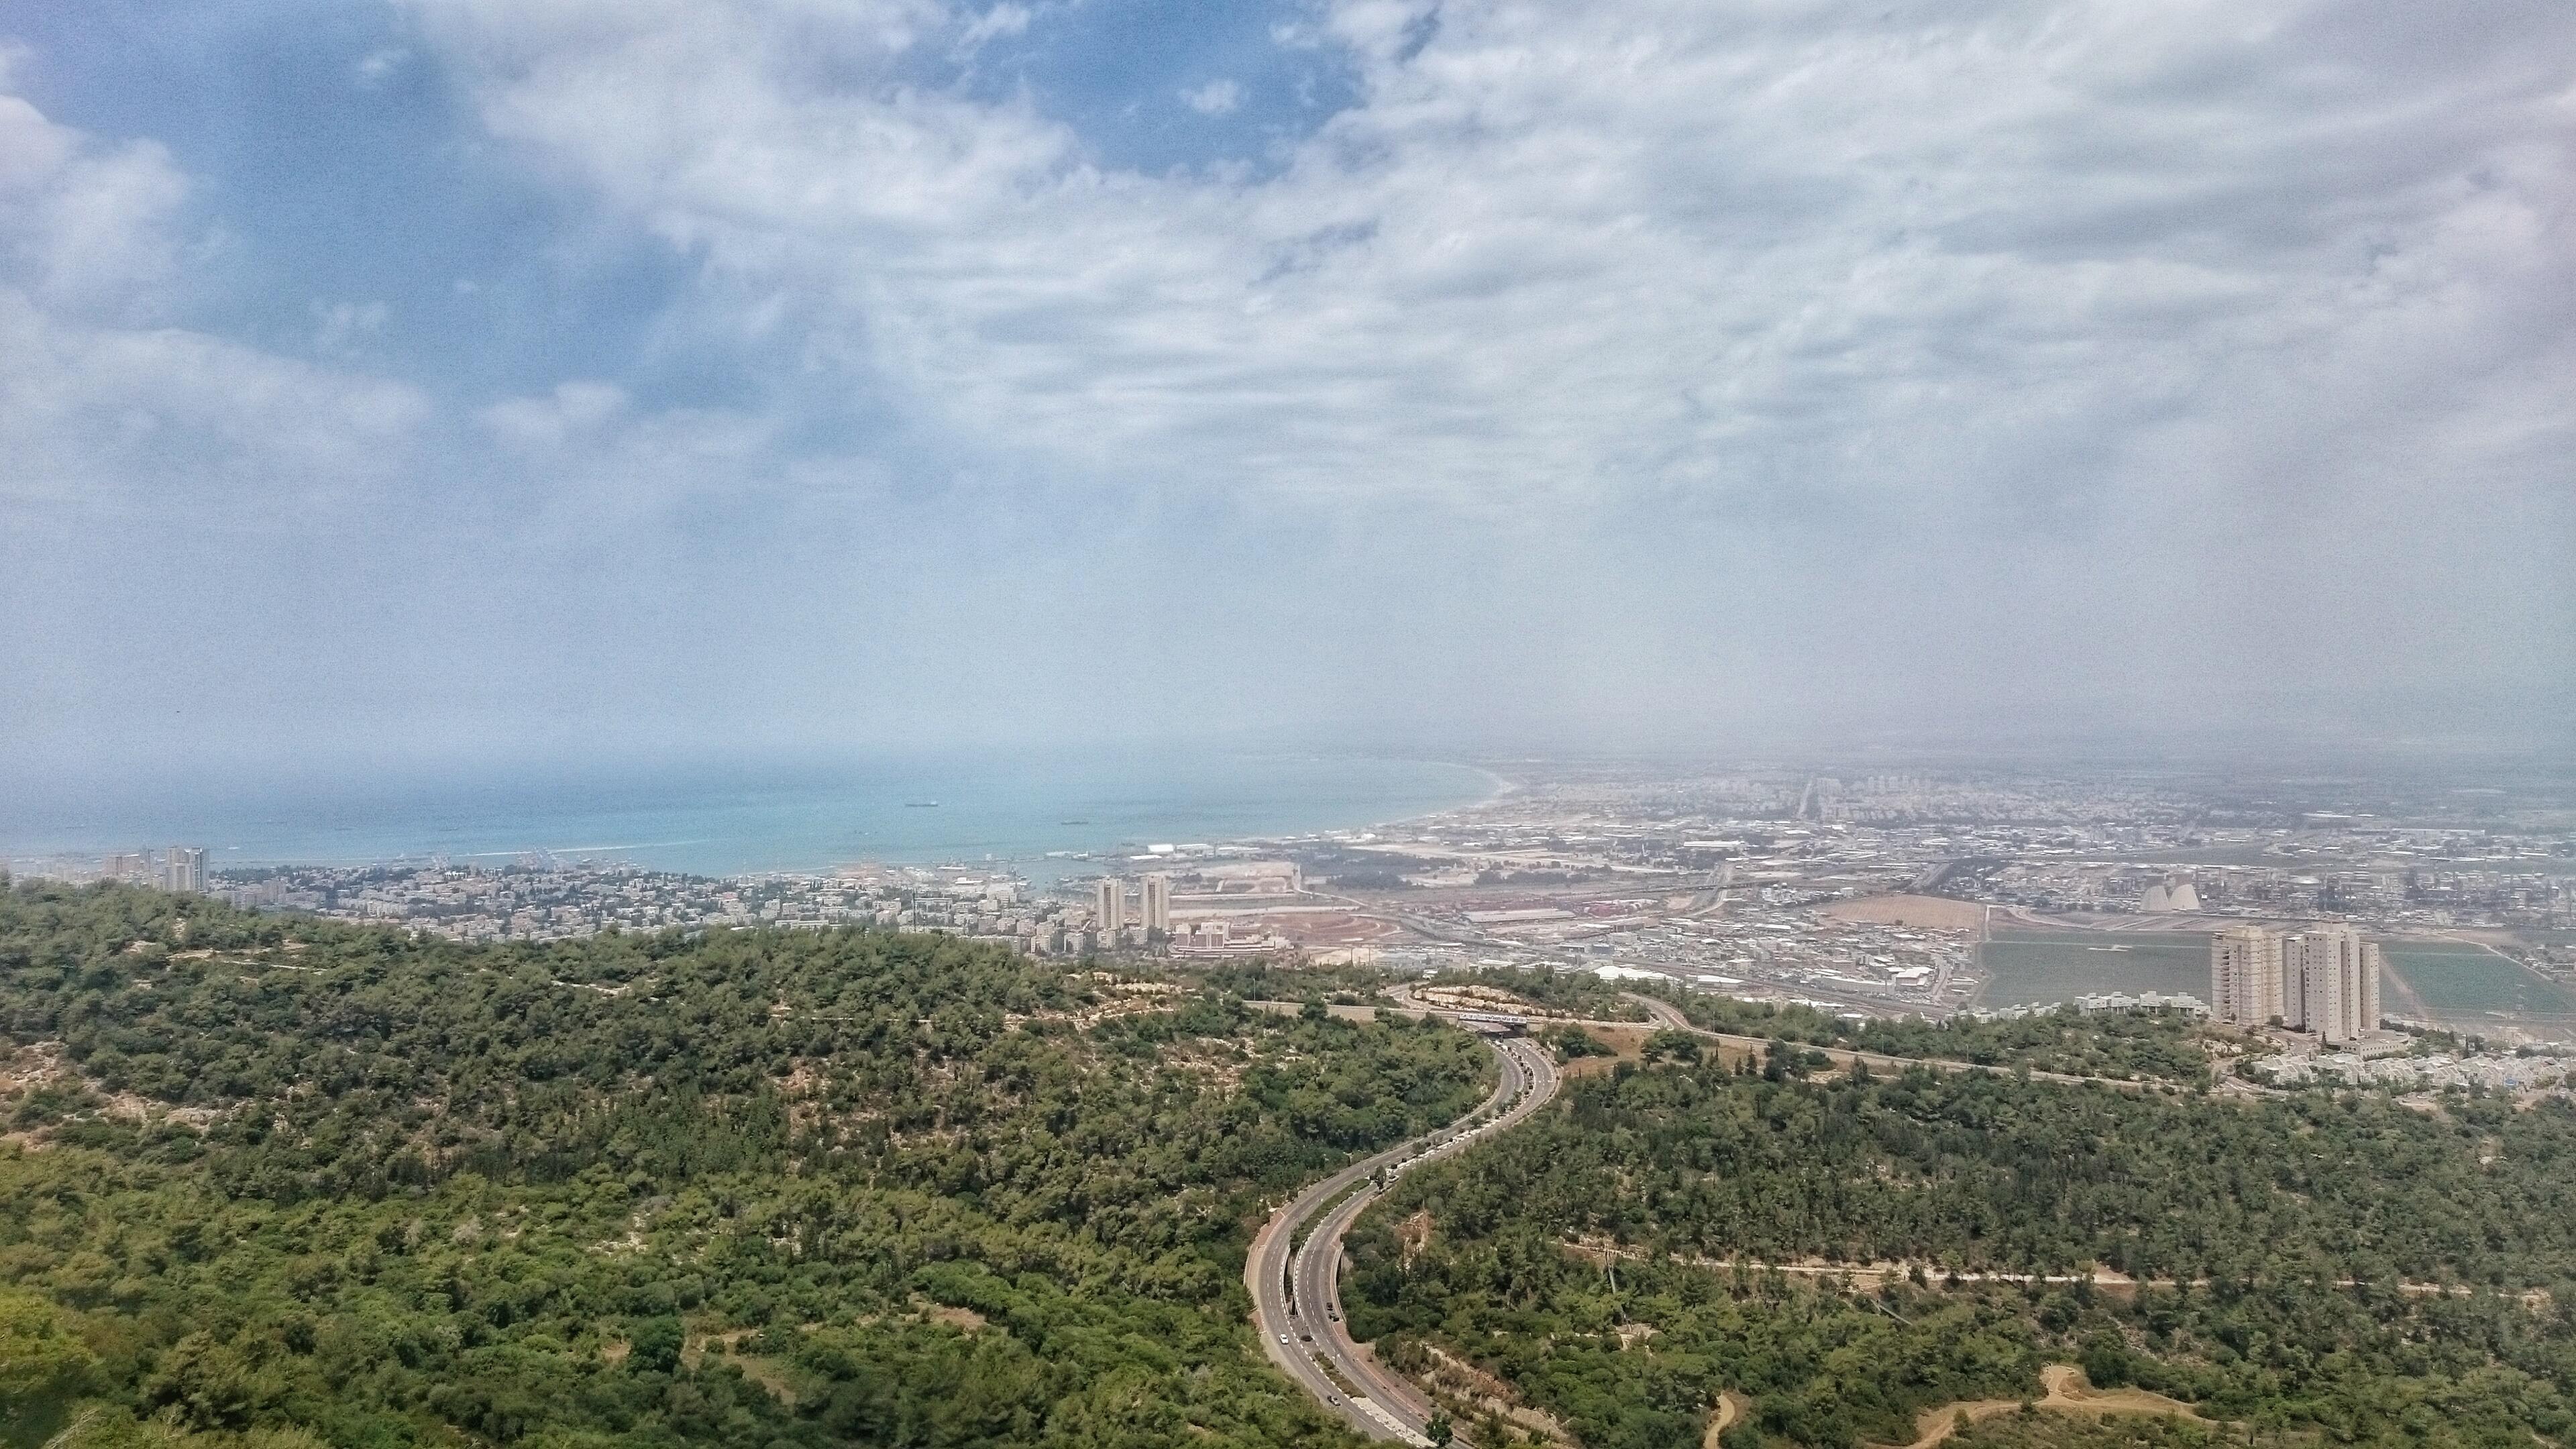 הנוף הנשקף מאוניברסיטת חיפה